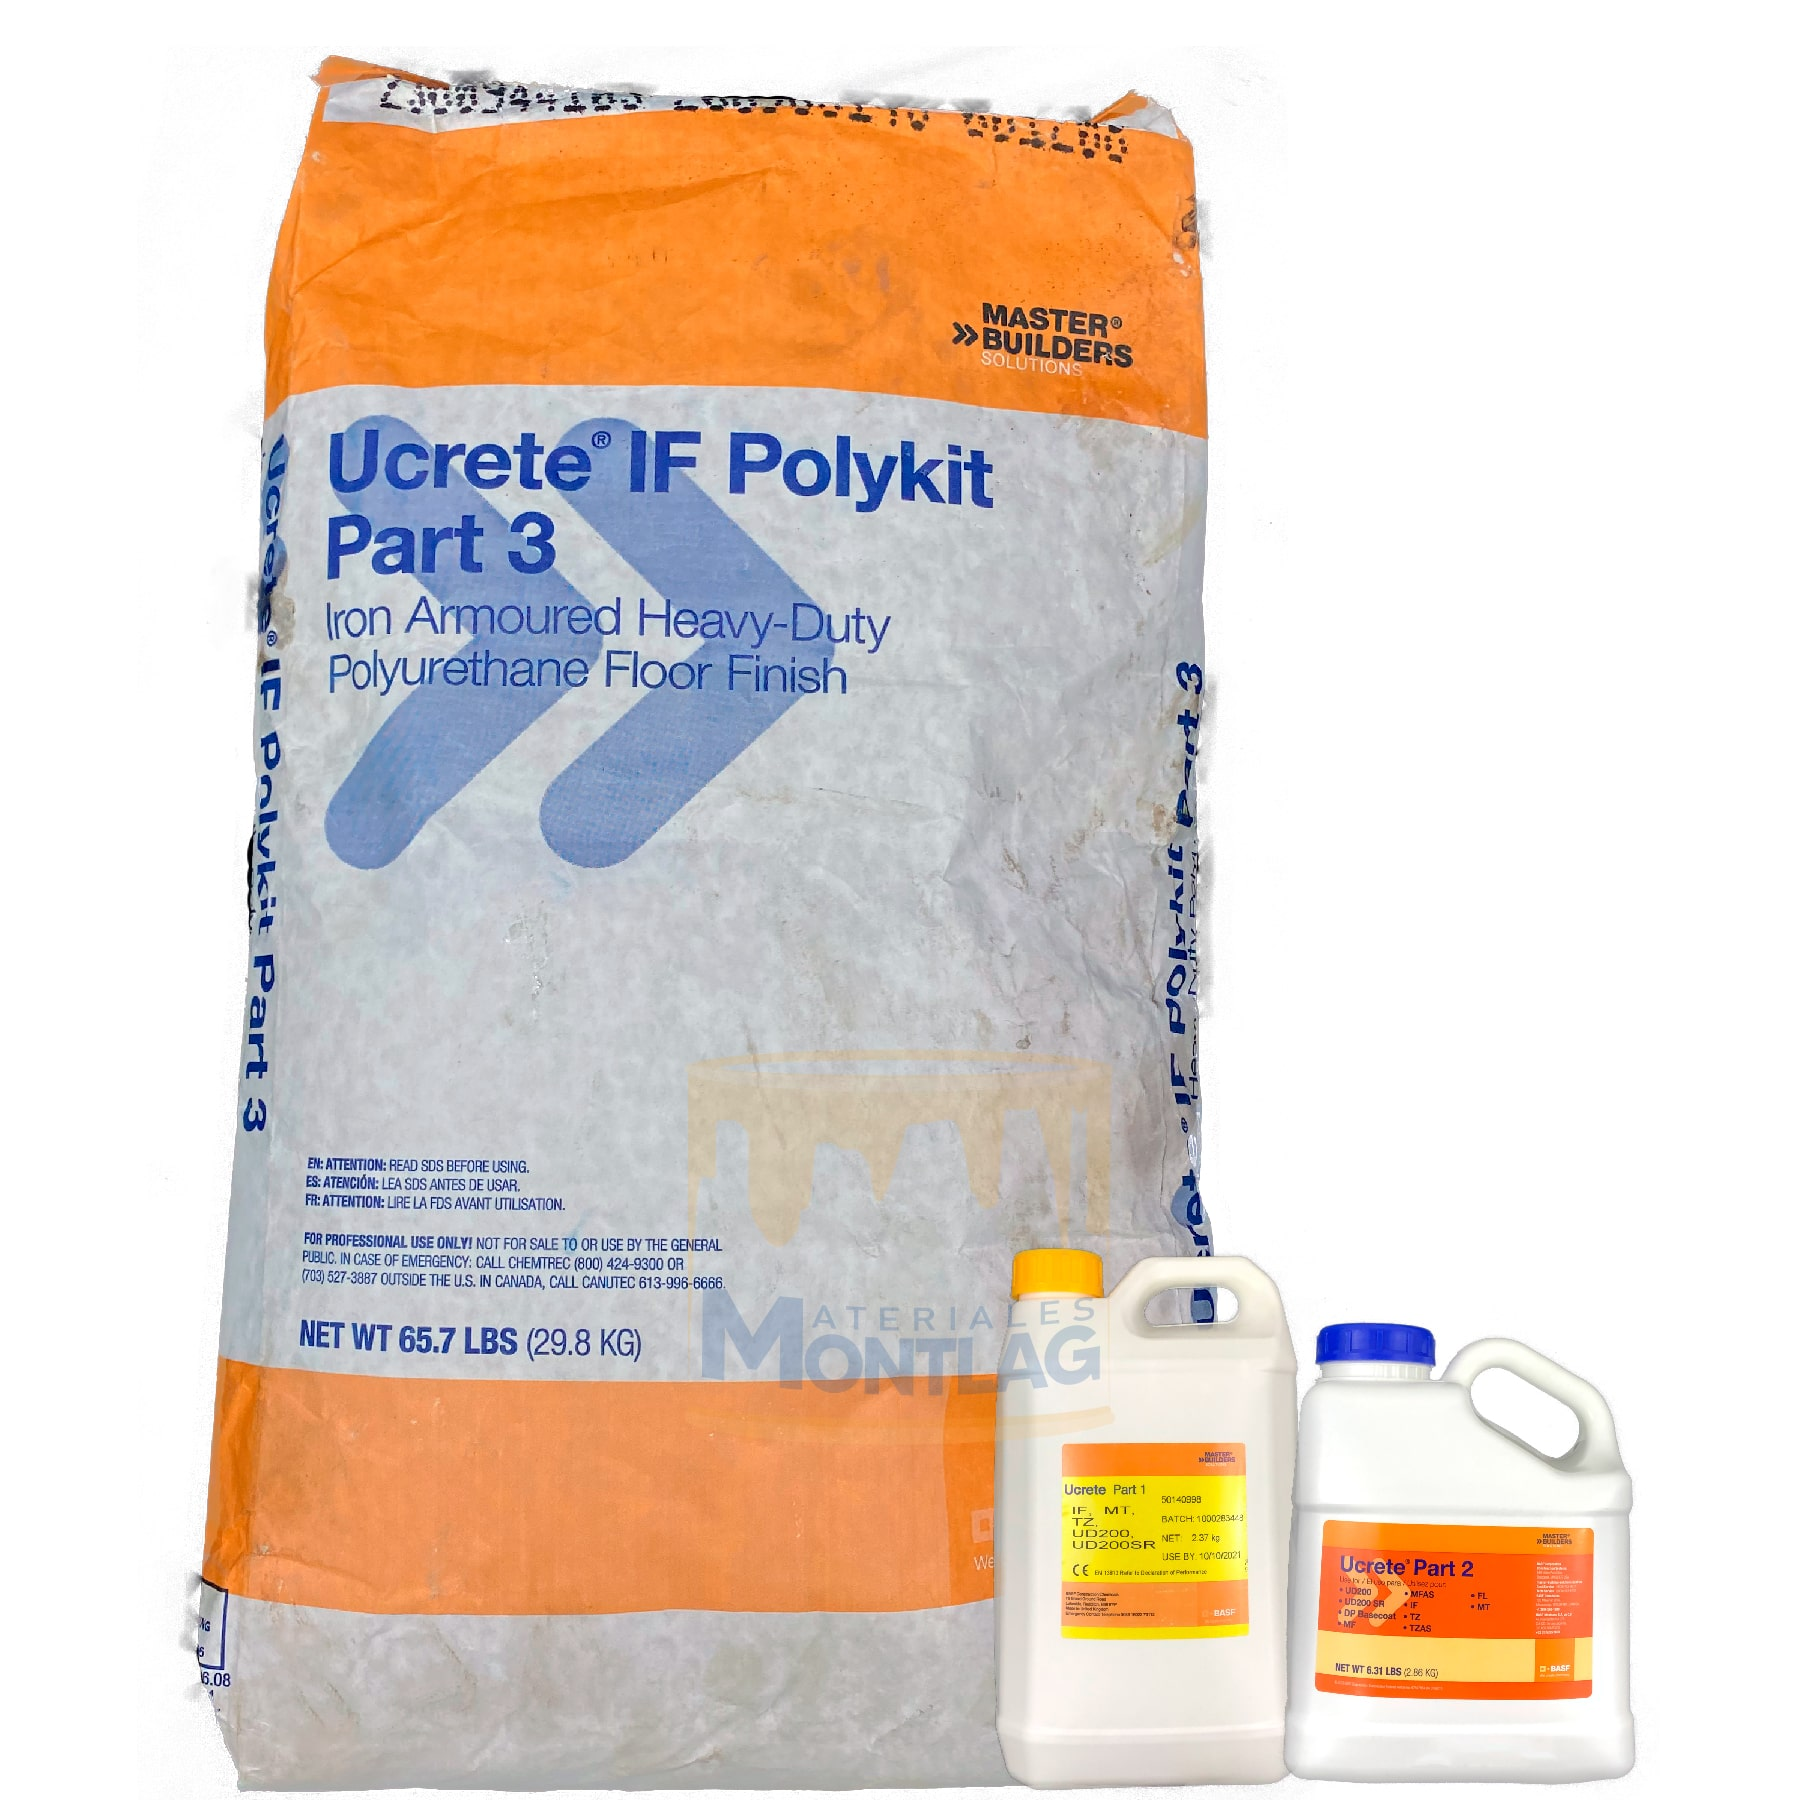 Materiales Montlag - Ucrete IF